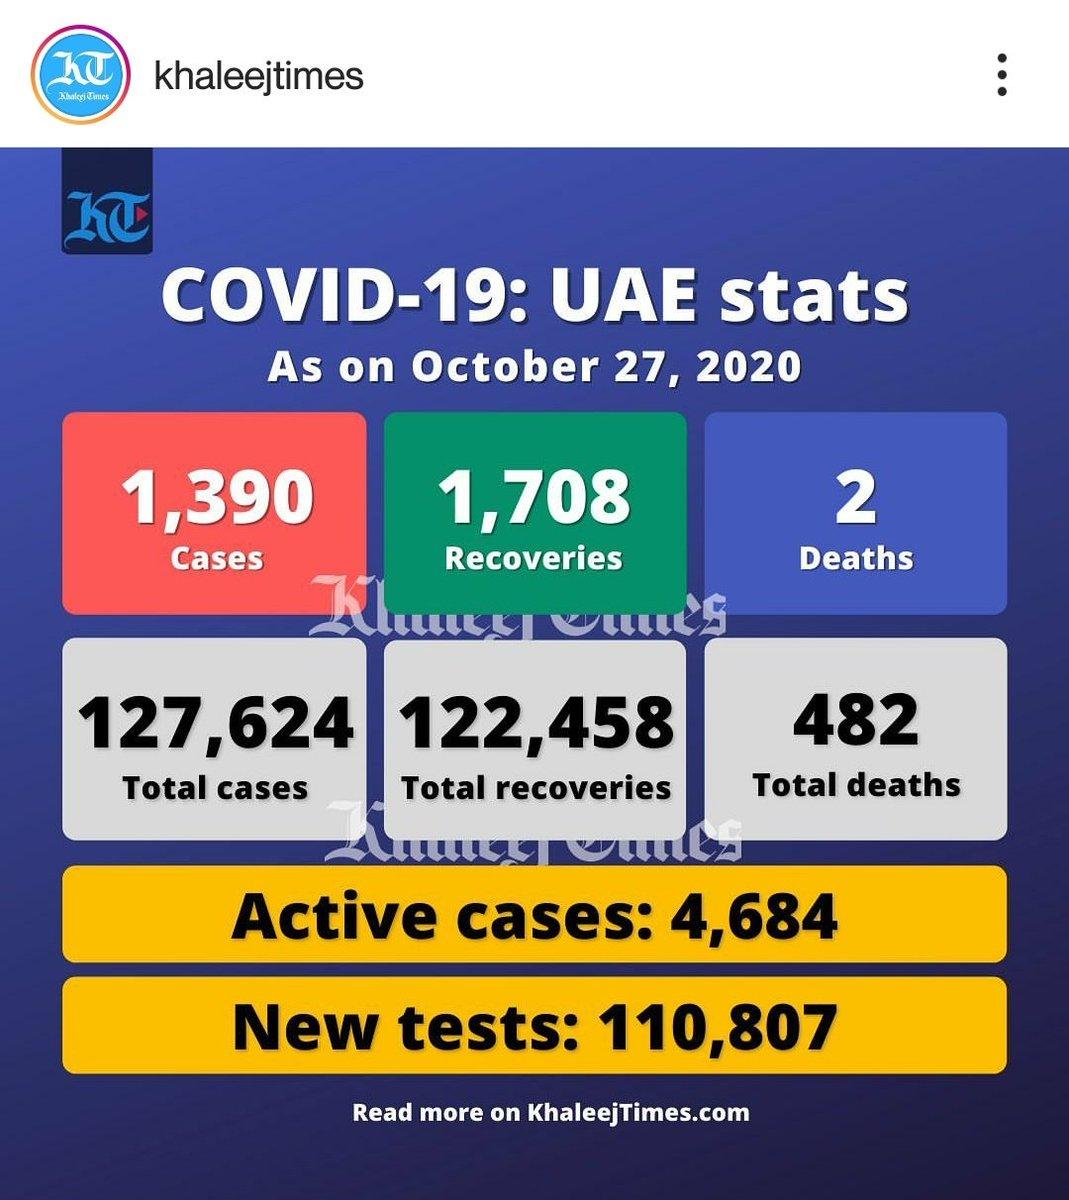 #Dubai https://t.co/8RmXc4JkR8